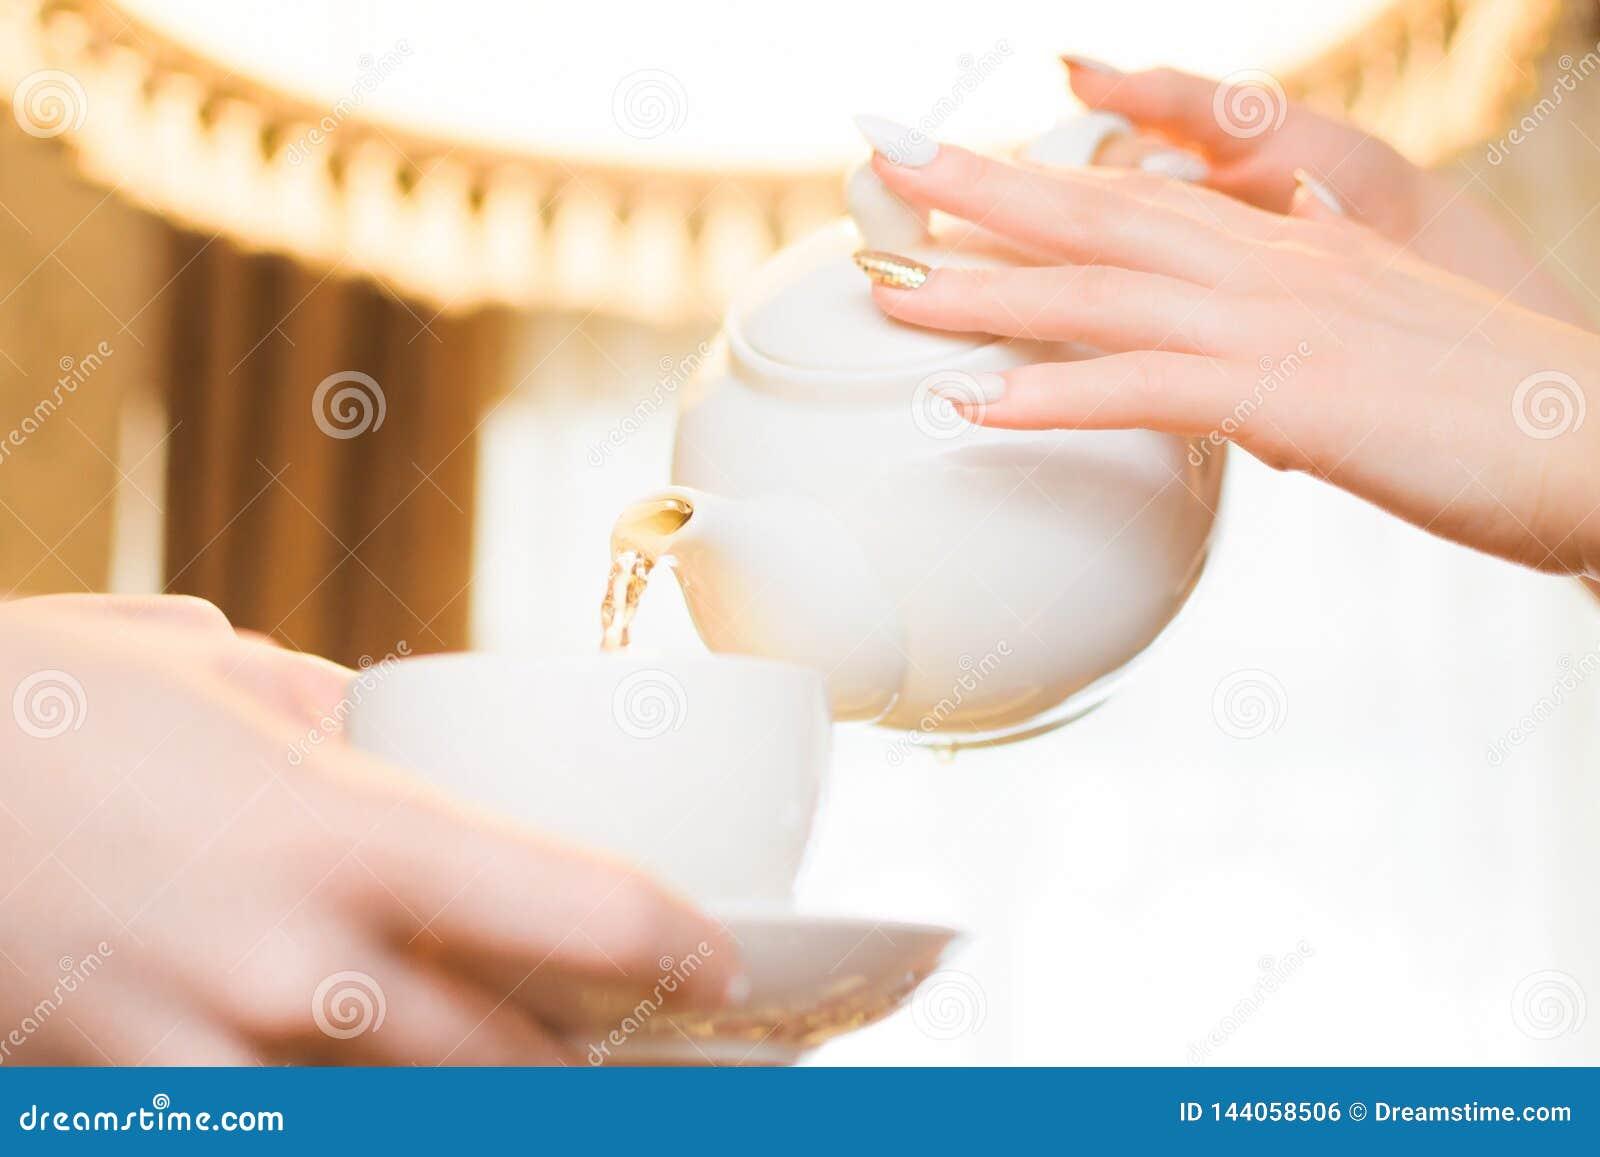 Partito di tè Le donne versano il tè verde in una tazza bianca